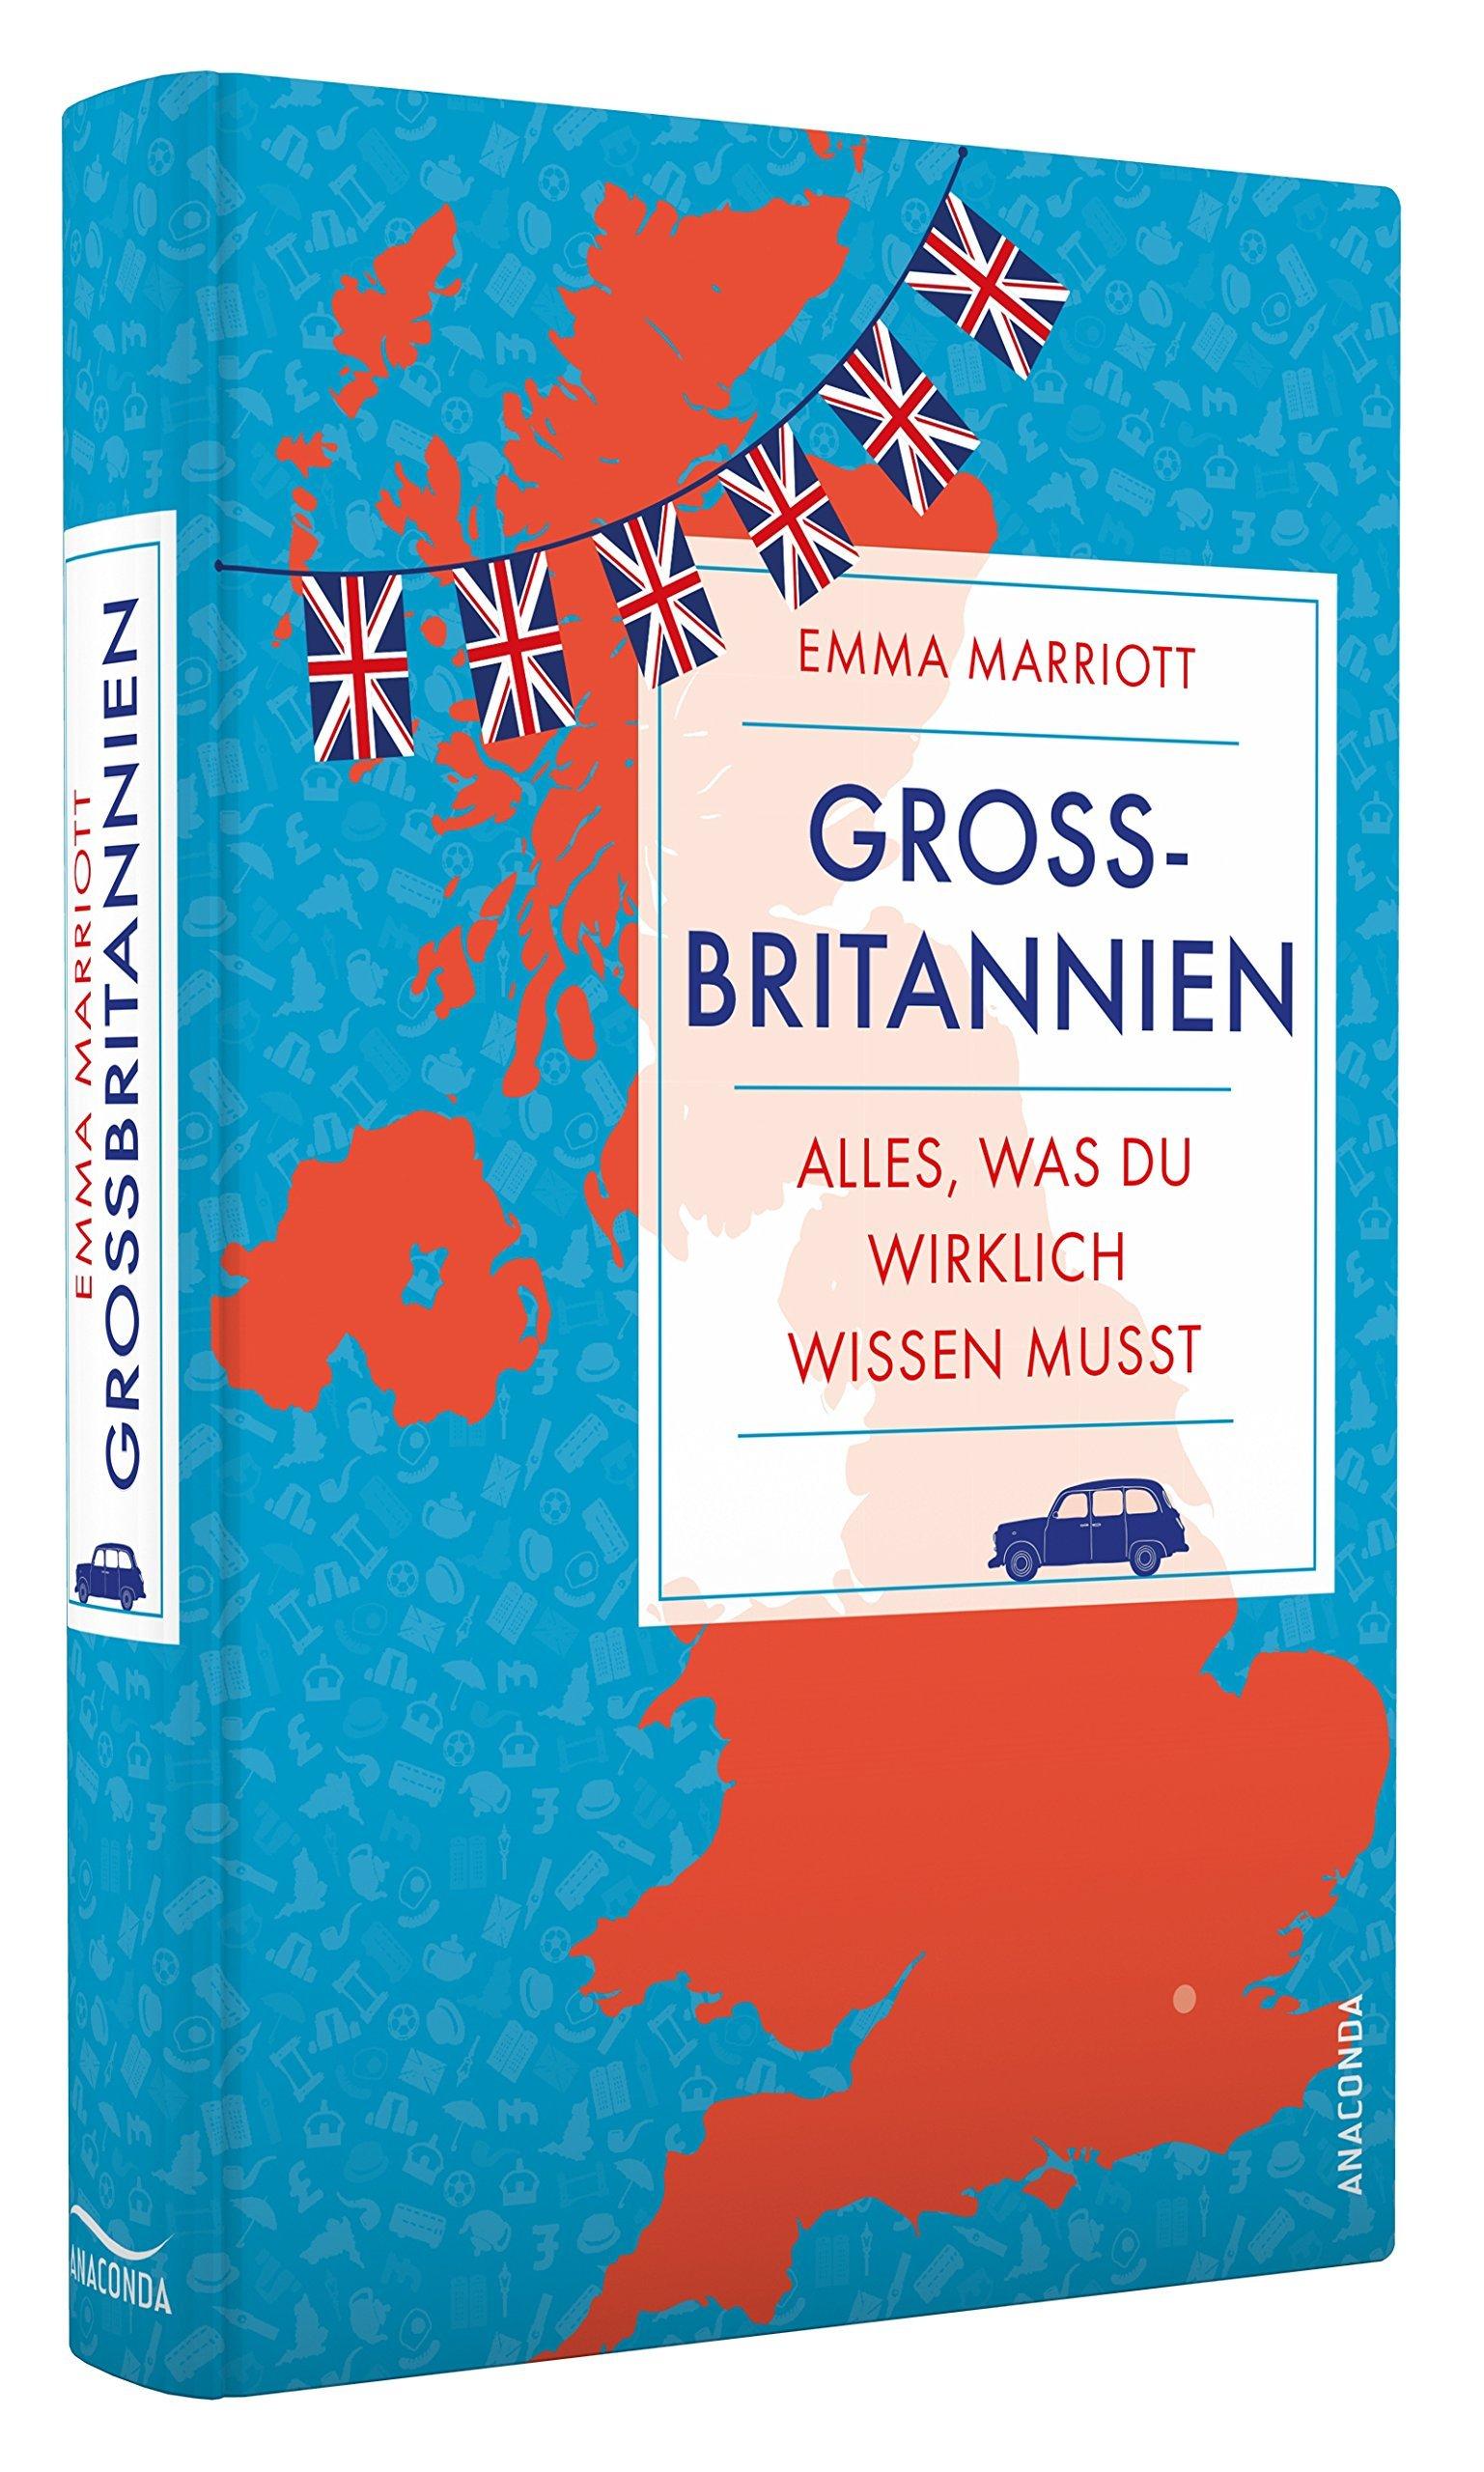 Großbritannien. Alles, was du wissen solltest Gebundenes Buch – 28. Februar 2016 Emma Marriott Großbritannien. Alles Anaconda Verlag 3730603205